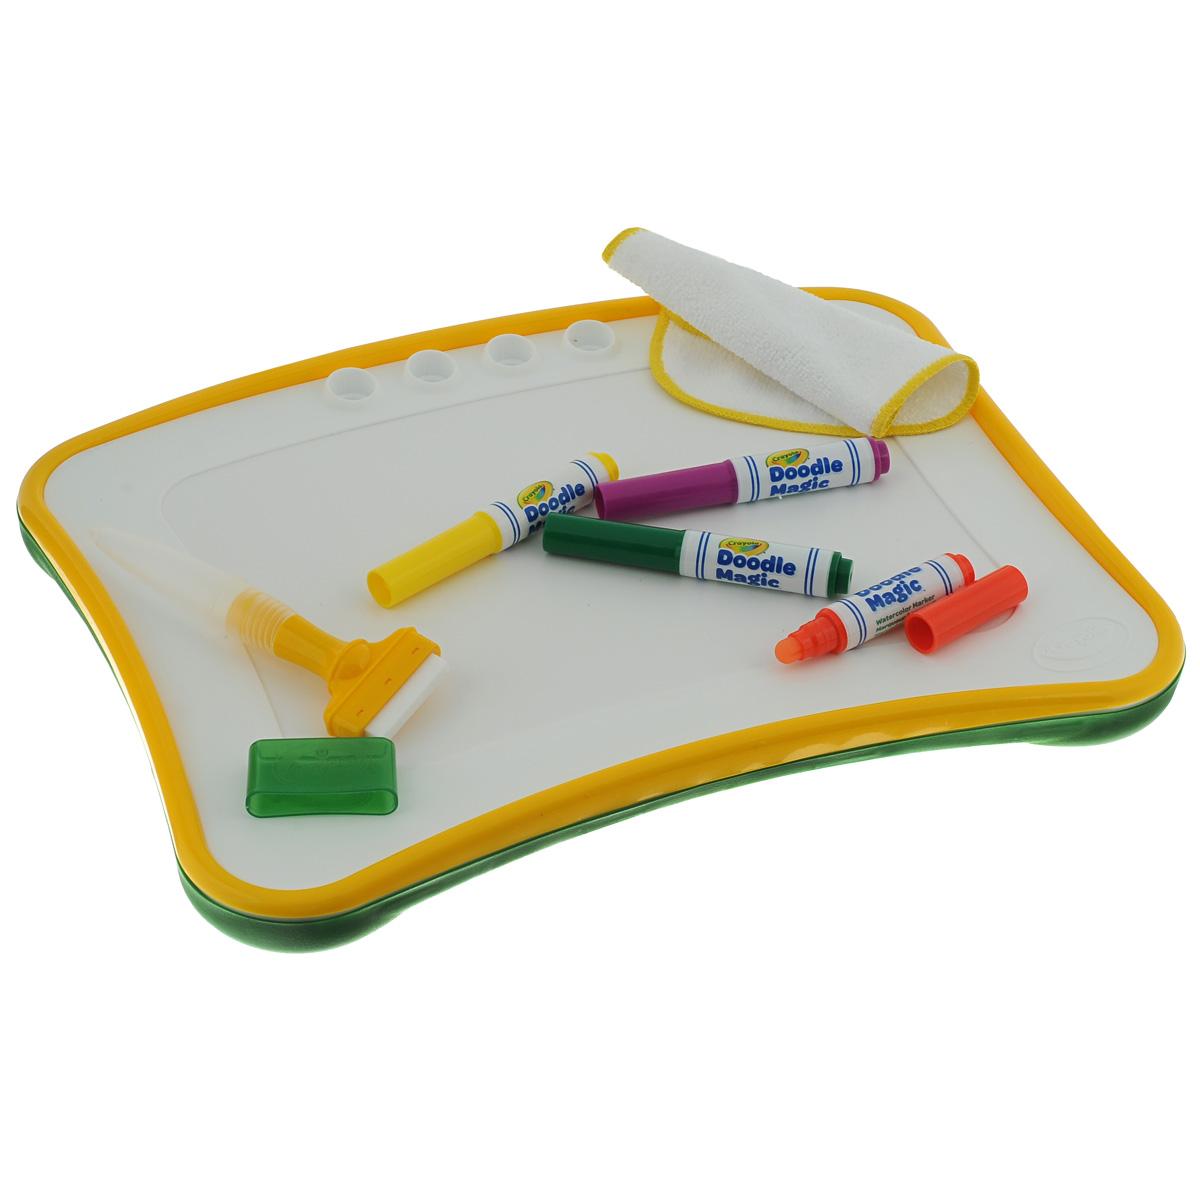 Доска для рисования Crayola Doodle Magic, с аксессуарами81-1969Специальная доска для рисования Crayola Doodle Magic поможет раскрыть талант юного художника, а также значительно упростит уборку его рабочего места для родителей. В набор включены четыре специальный маркера Doodle Magic желтого, красного, фиолетового и зеленого цветов. Следы от маркеров, сделанных по этой технологии, легко удаляются со всех поверхностей при помощи обычной воды. Еще одним преимуществом данного набора является то, что ребенку не обязательно искать бумагу для рисования. Поверхность доски рассчитана на многократное использование. Доска имеет практичные ячейки для хранения маркеров и губки.Помимо самой доски и маркеров, в комплект входят тряпочка и губка-щеточка. При помощи этих аксессуаров можно удалить следы маркеров со всех поверхностей, даже с одежды малыша.Такая доска идеально подойдет для путешествий - теперь вам не придется беспокоиться о том, чем занять малыша в пути: ребенок сможет рисовать, просто держа доску на коленях.Вашему маленькому художнику непременно понравится рисовать на доске Doodle Magic. Рисование помогает развить художественное восприятие и мелкую моторику ребенка, а также отлично снимает стресс и тренирует воображение.